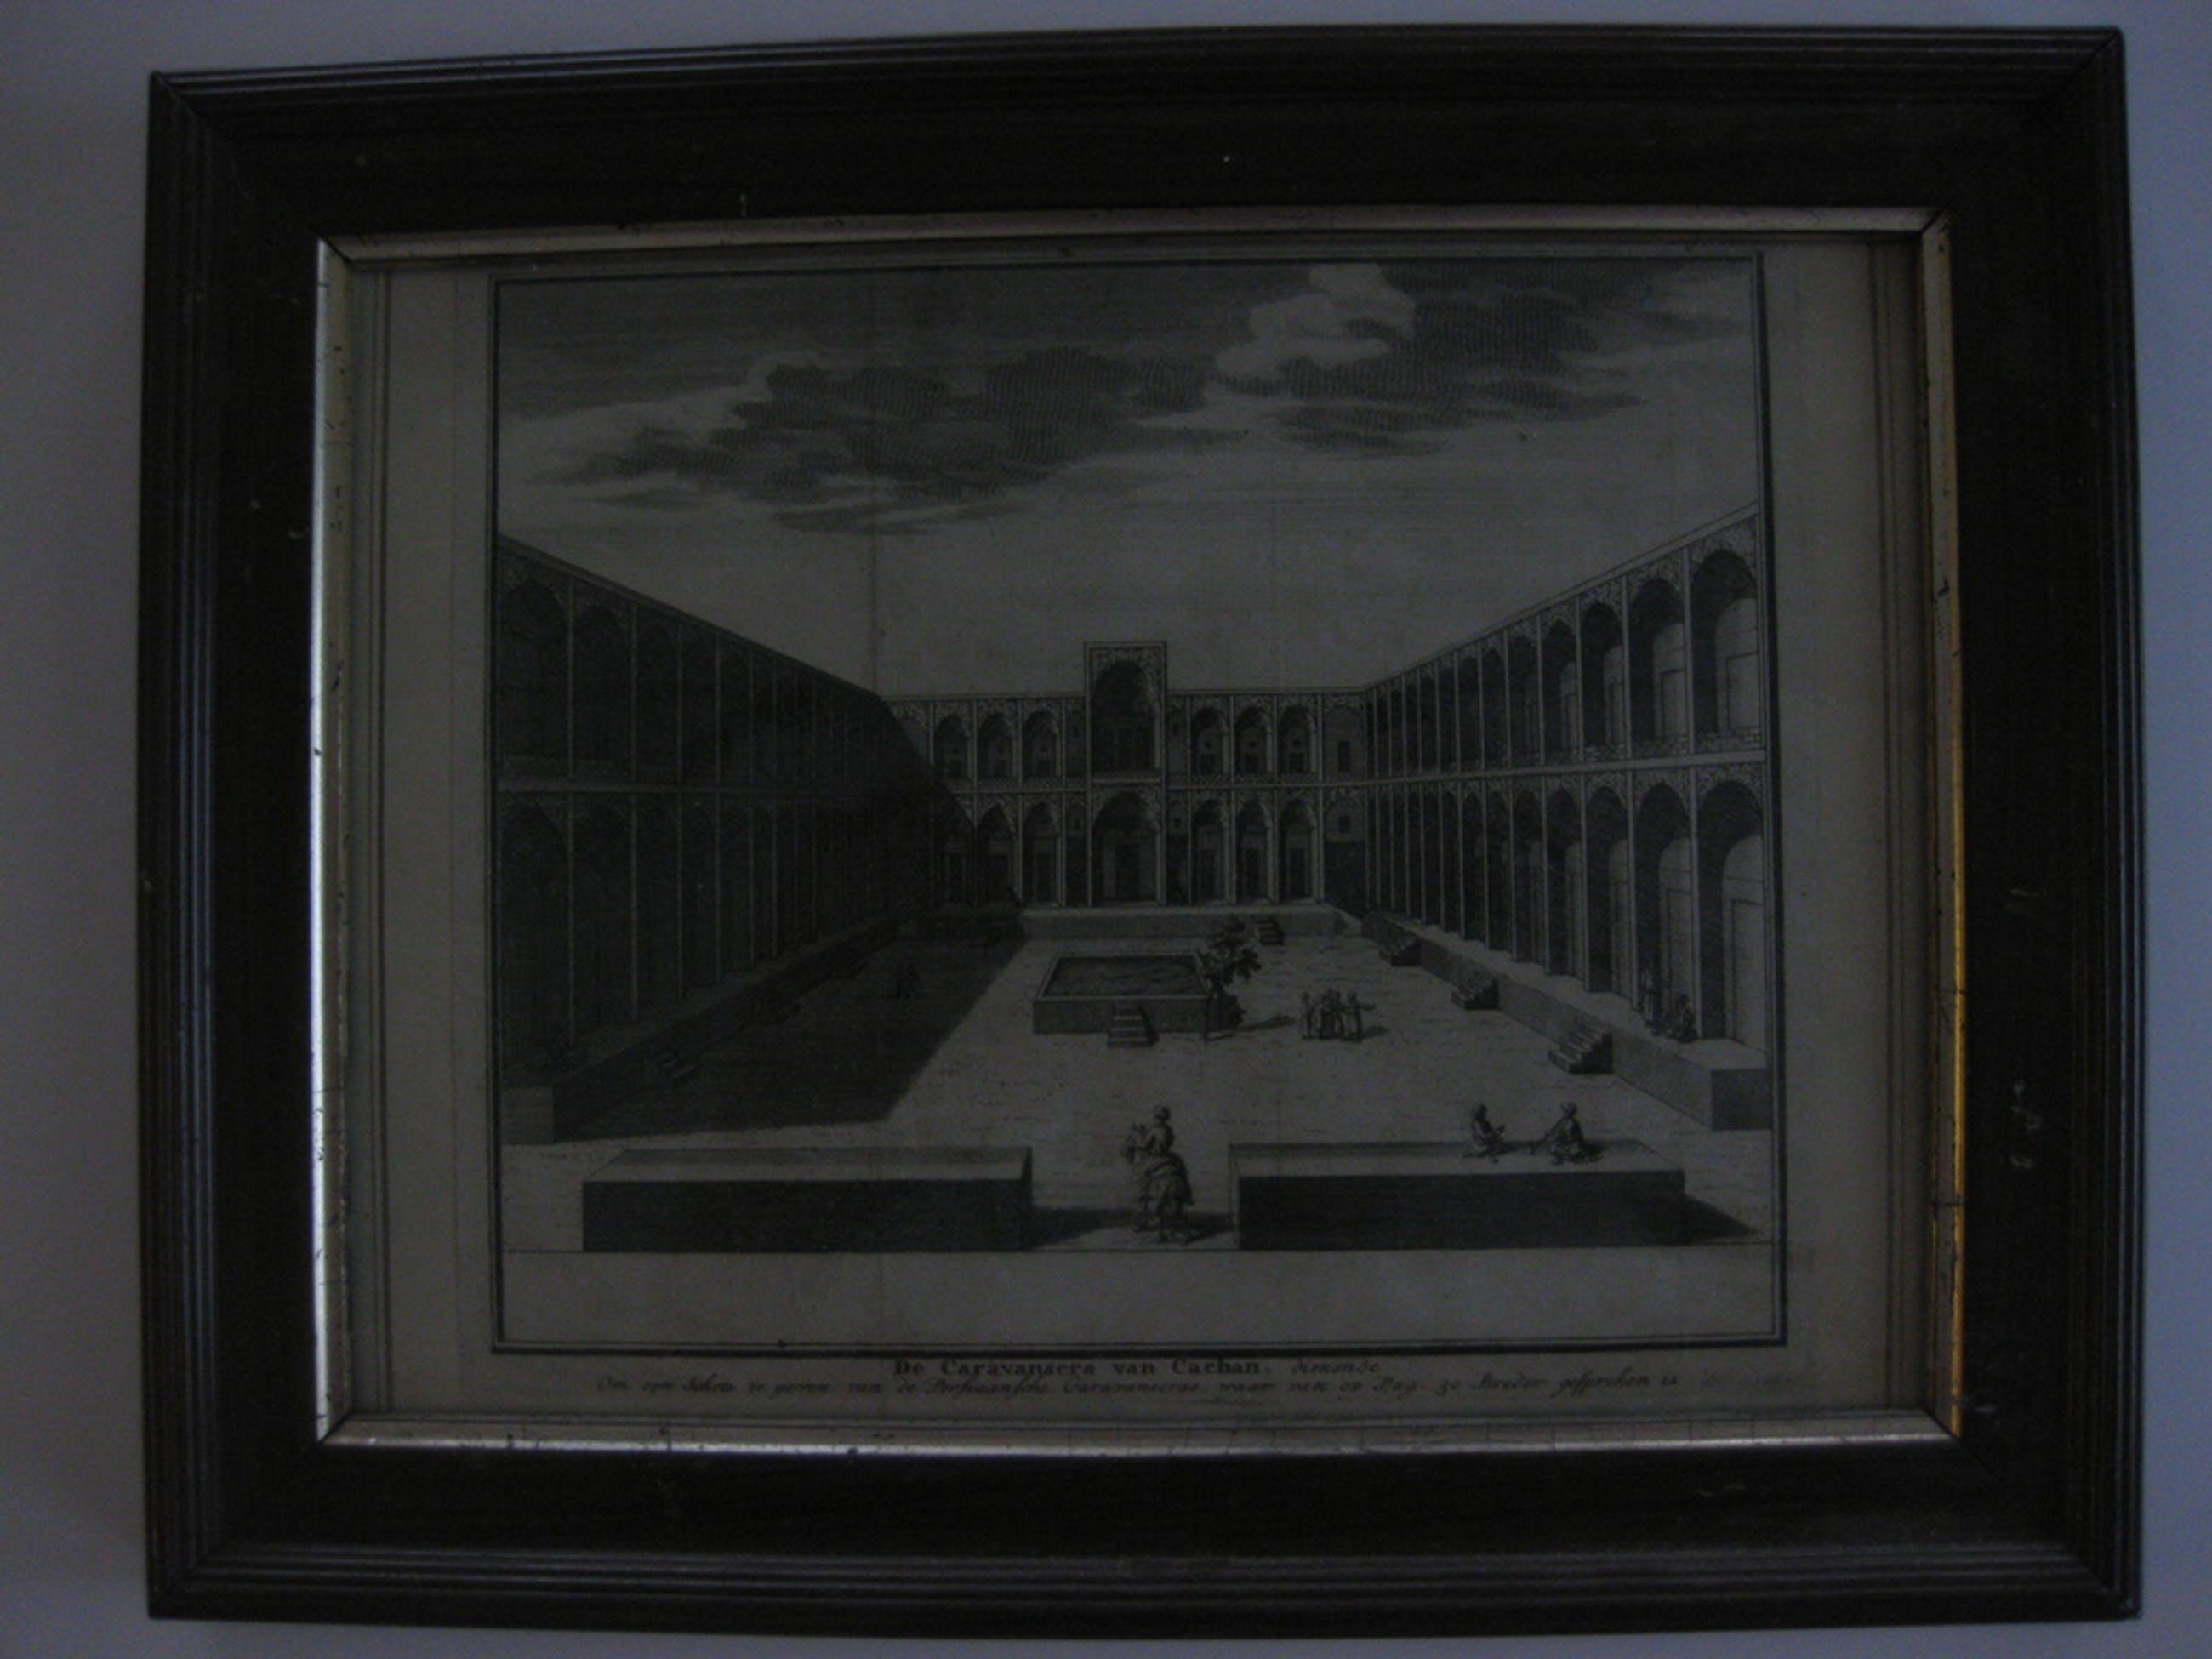 Kopergravure de Caravansera van Cachan - vervaardigd door Giuseppe Filosi 1762 - Uitgegeven door Albrizzi kopen? Bied vanaf 1!